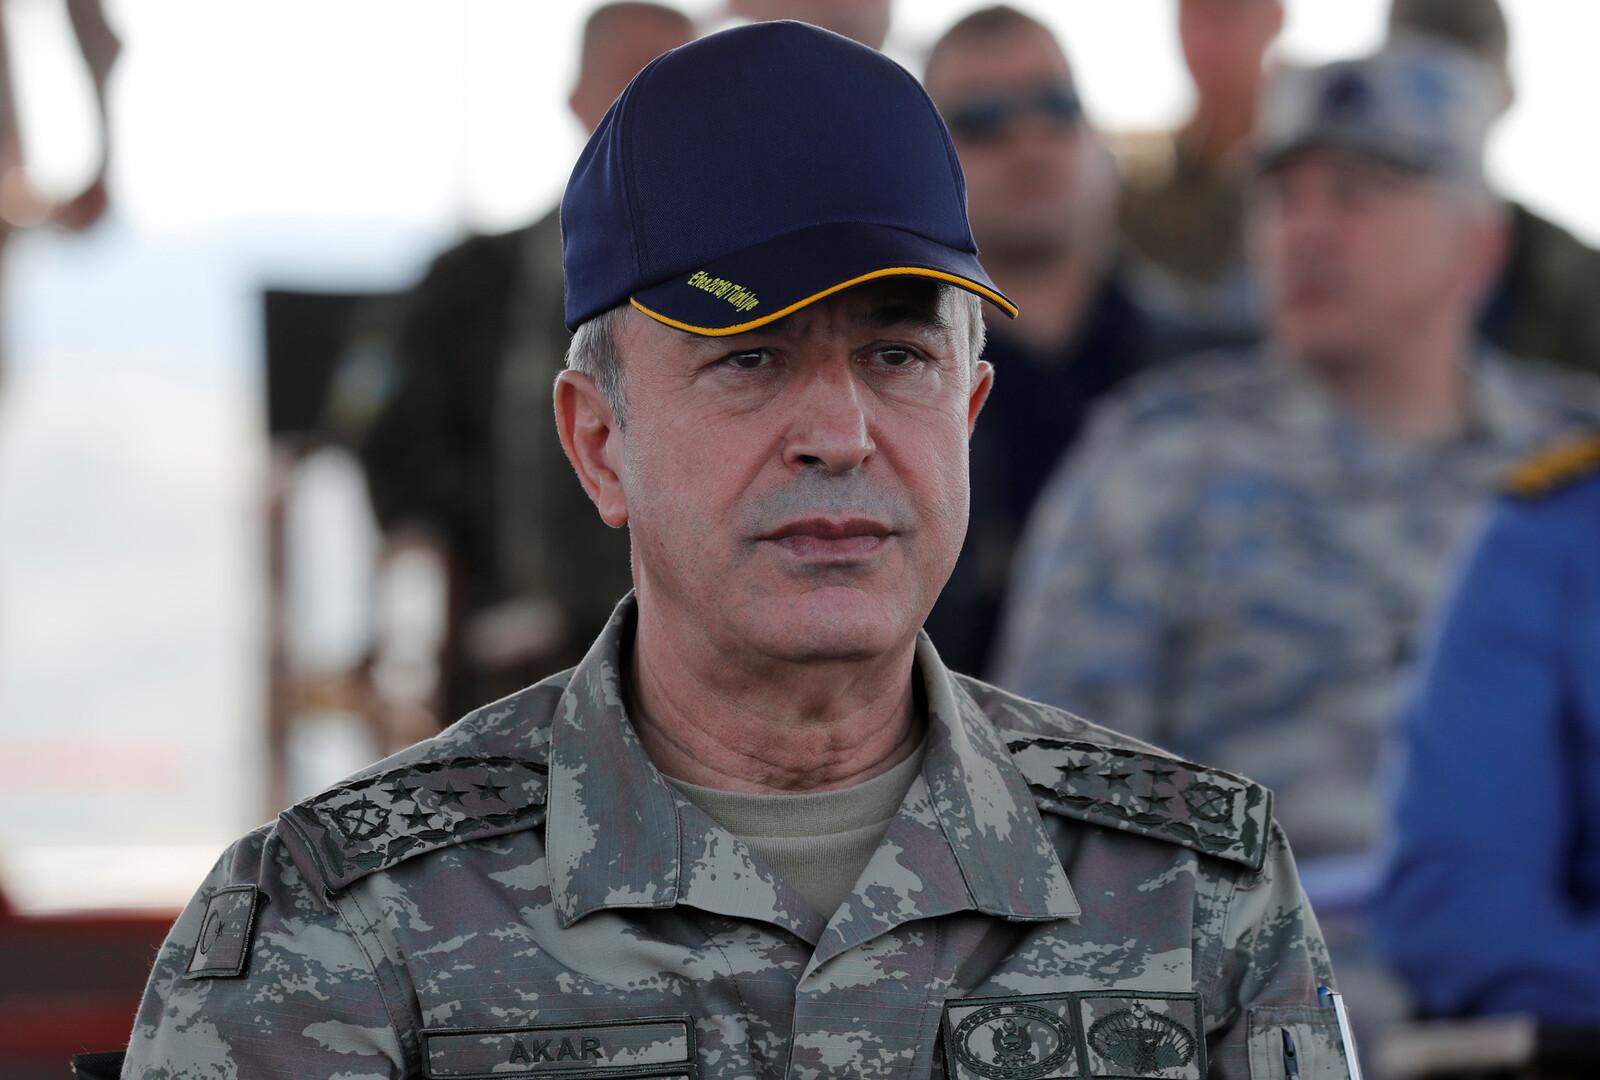 أنقرة: لدينا خططنا البديلة إن أخلّت واشنطن بوعودها للمنطقة الآمنة